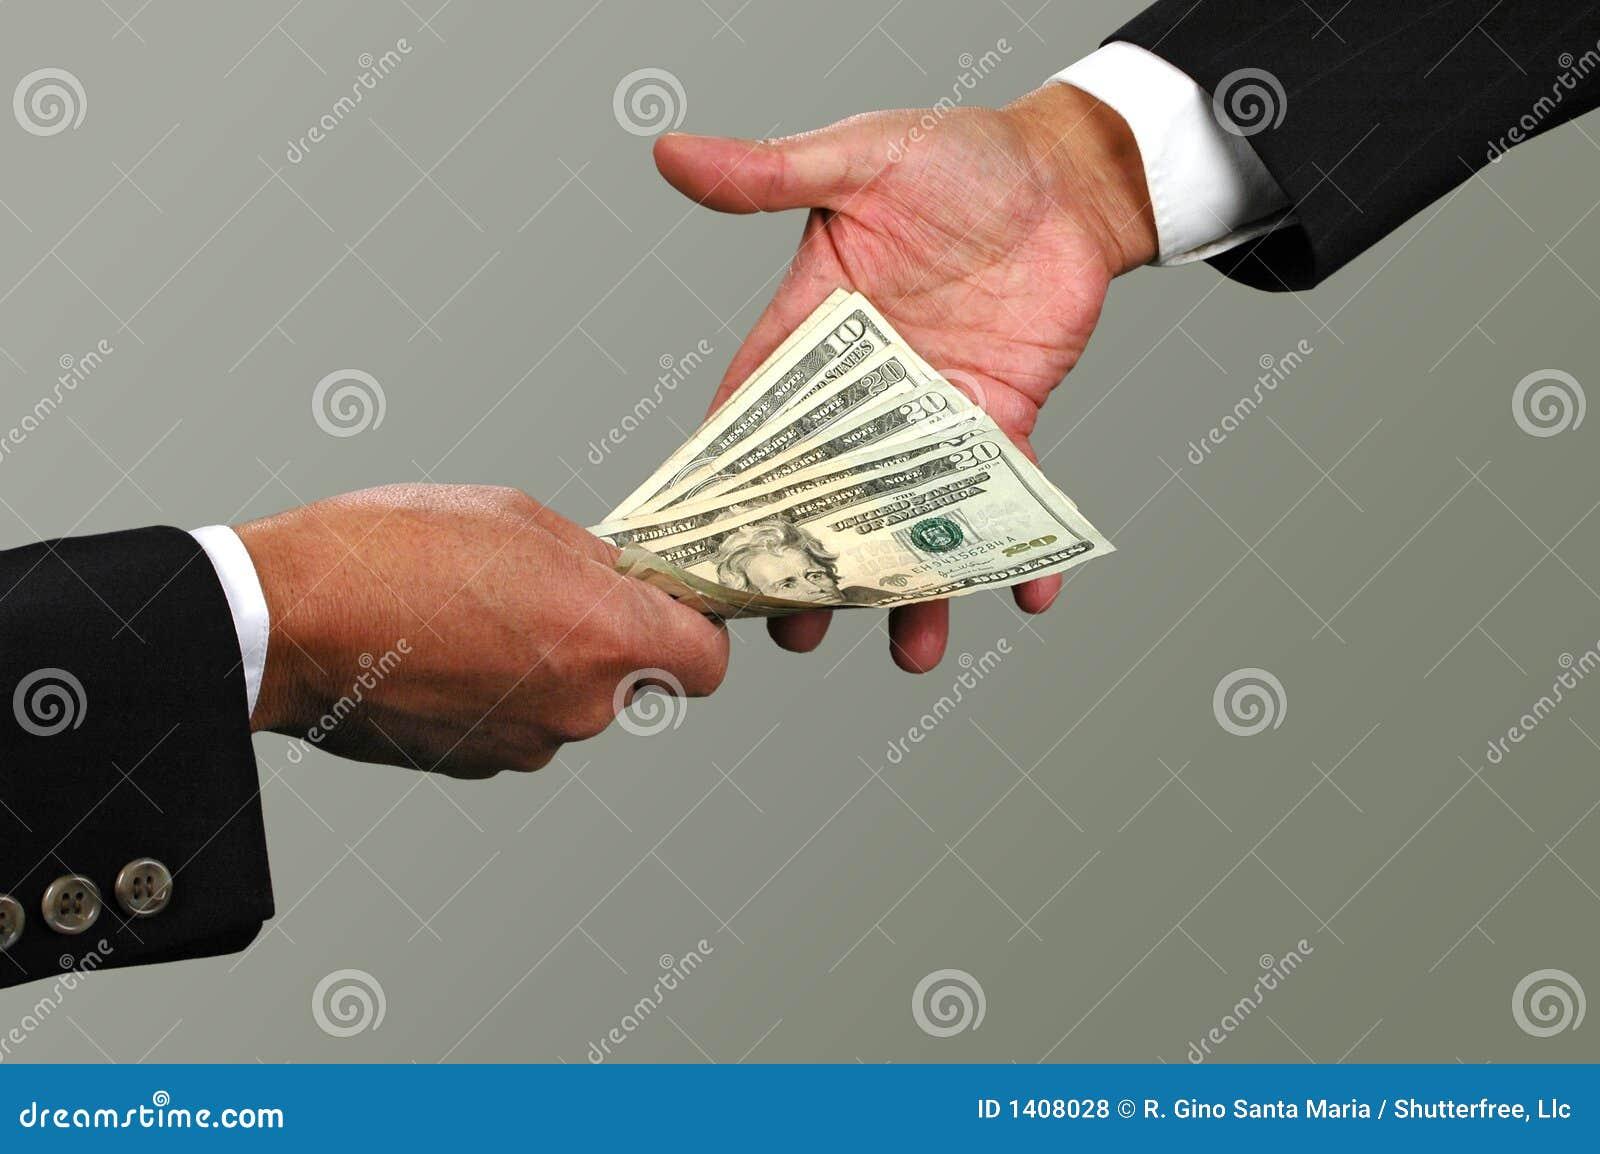 Money Exchange